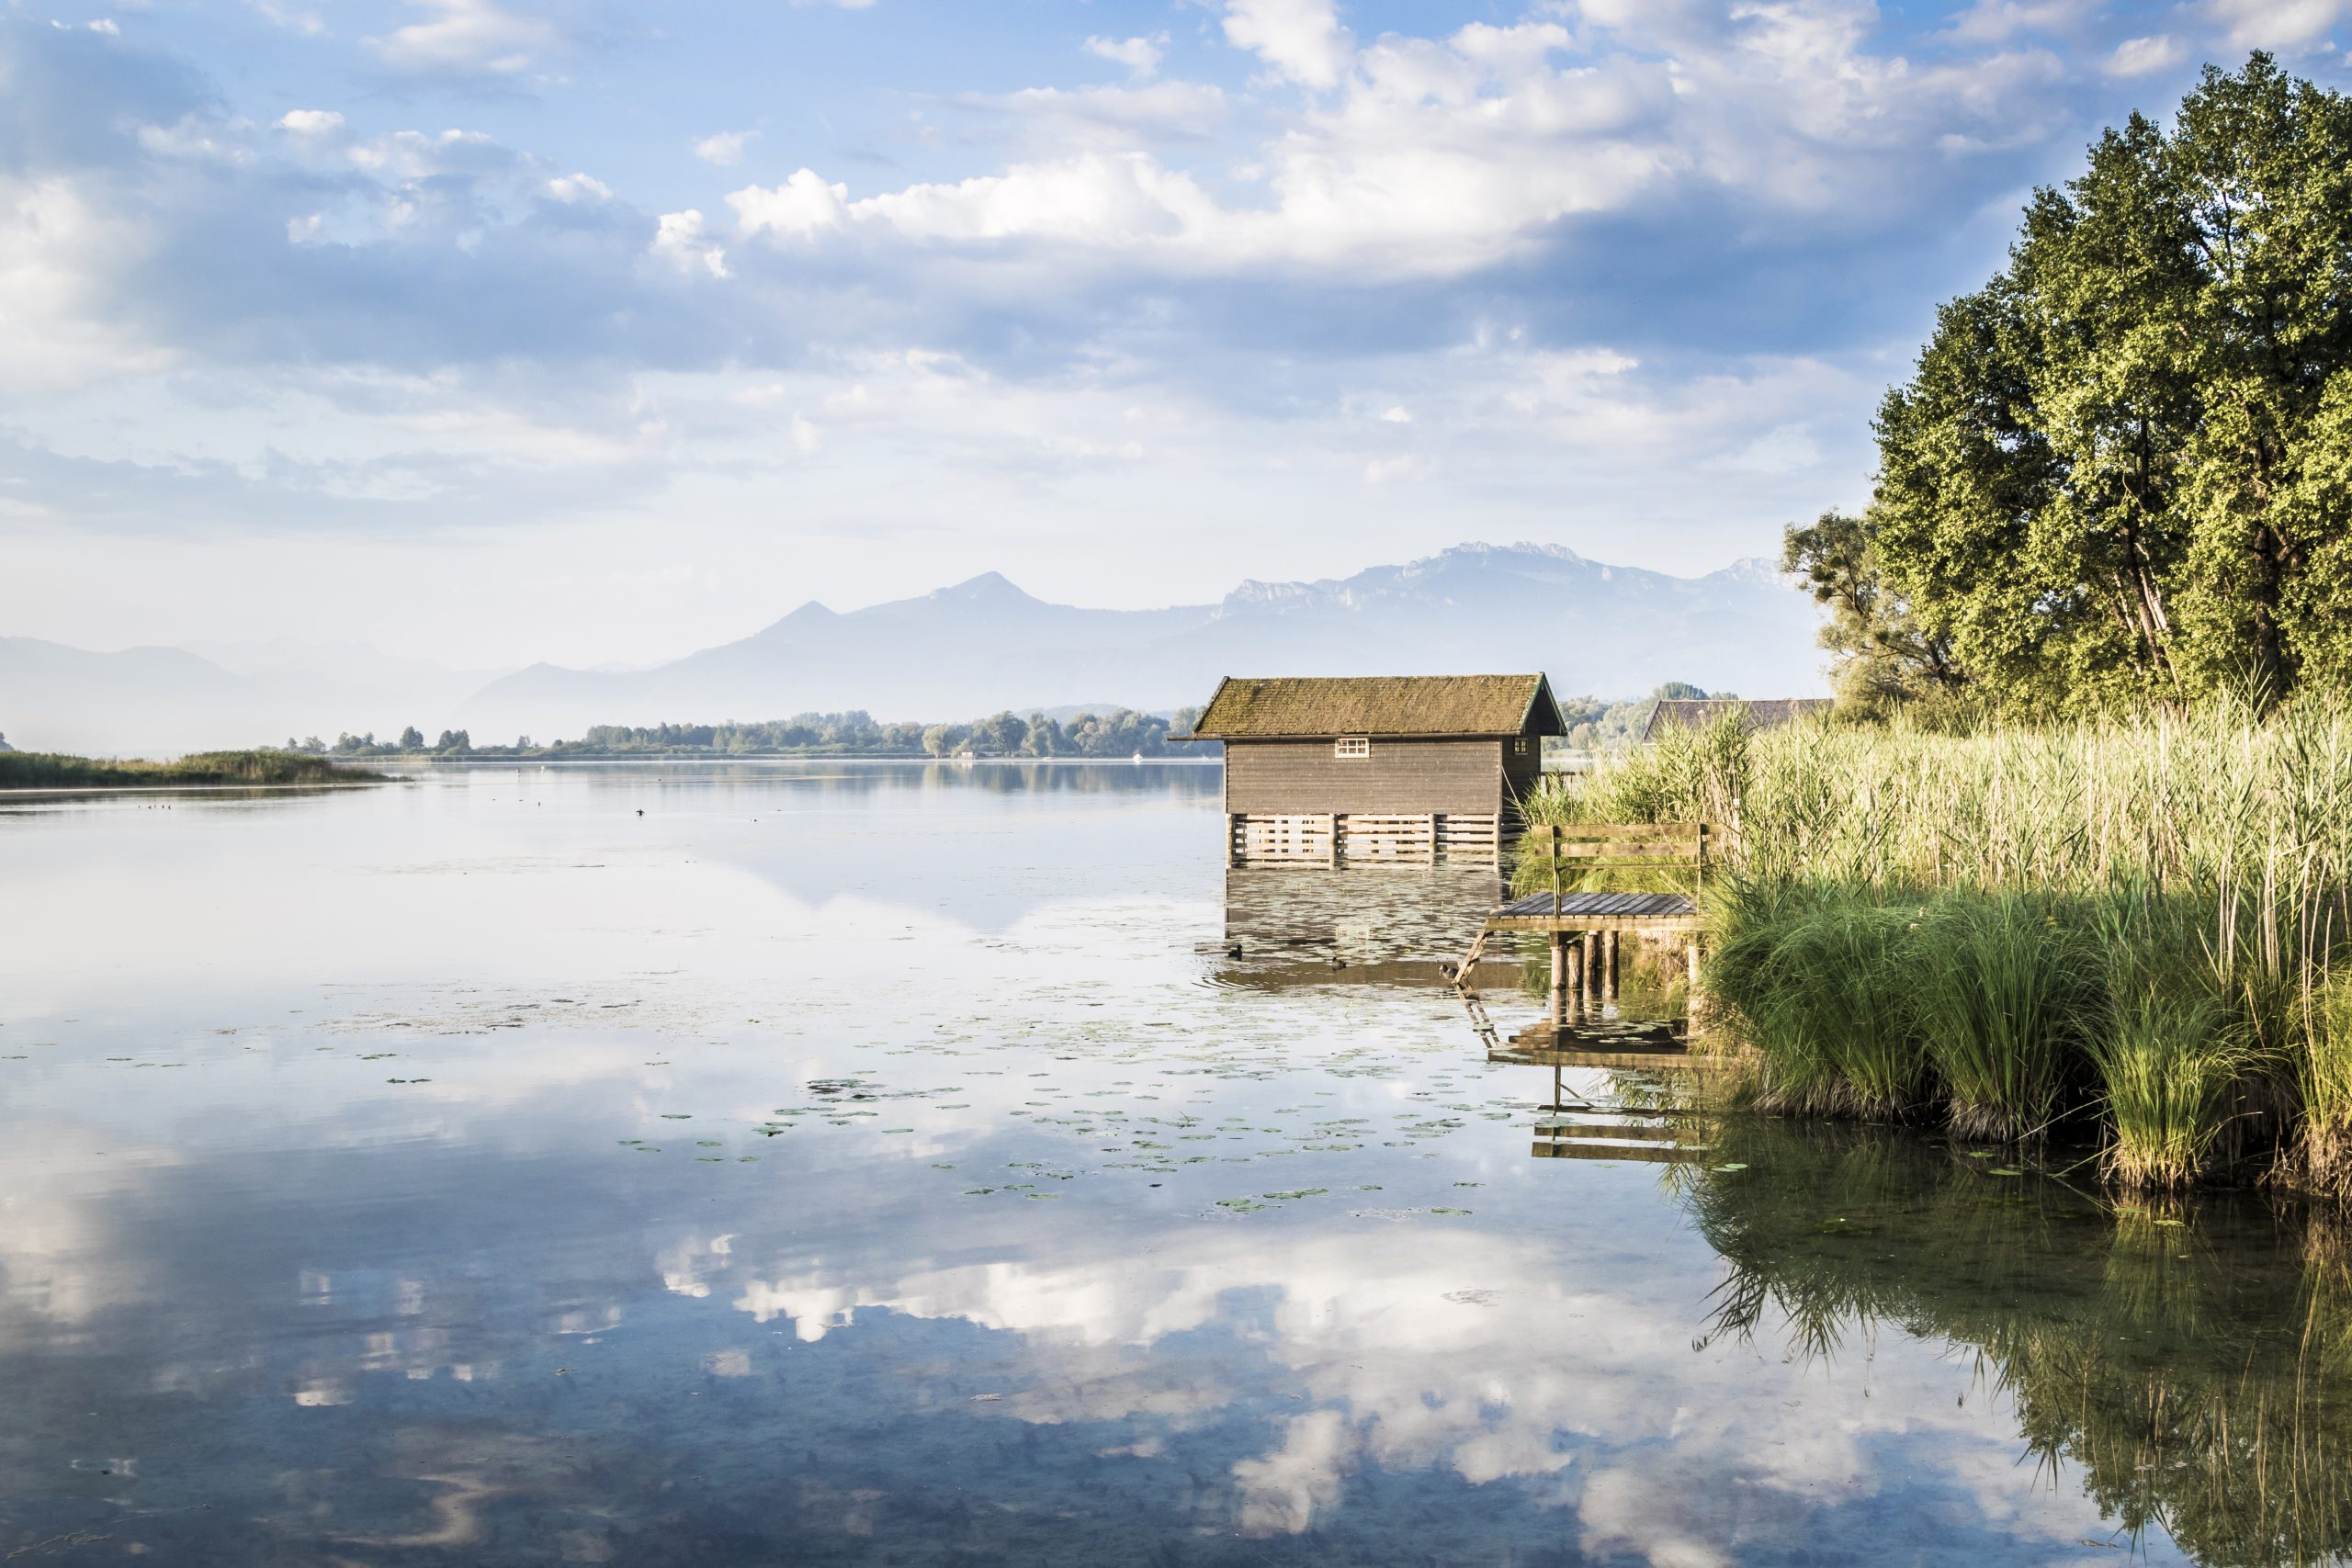 hut next to the men's island at Herrenchiemsee